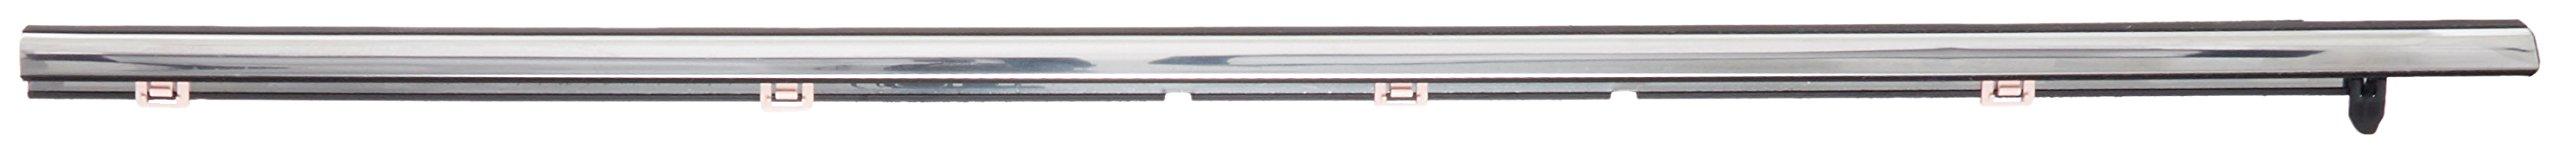 Genuine Honda 72910-T2A-A01 Door Molding